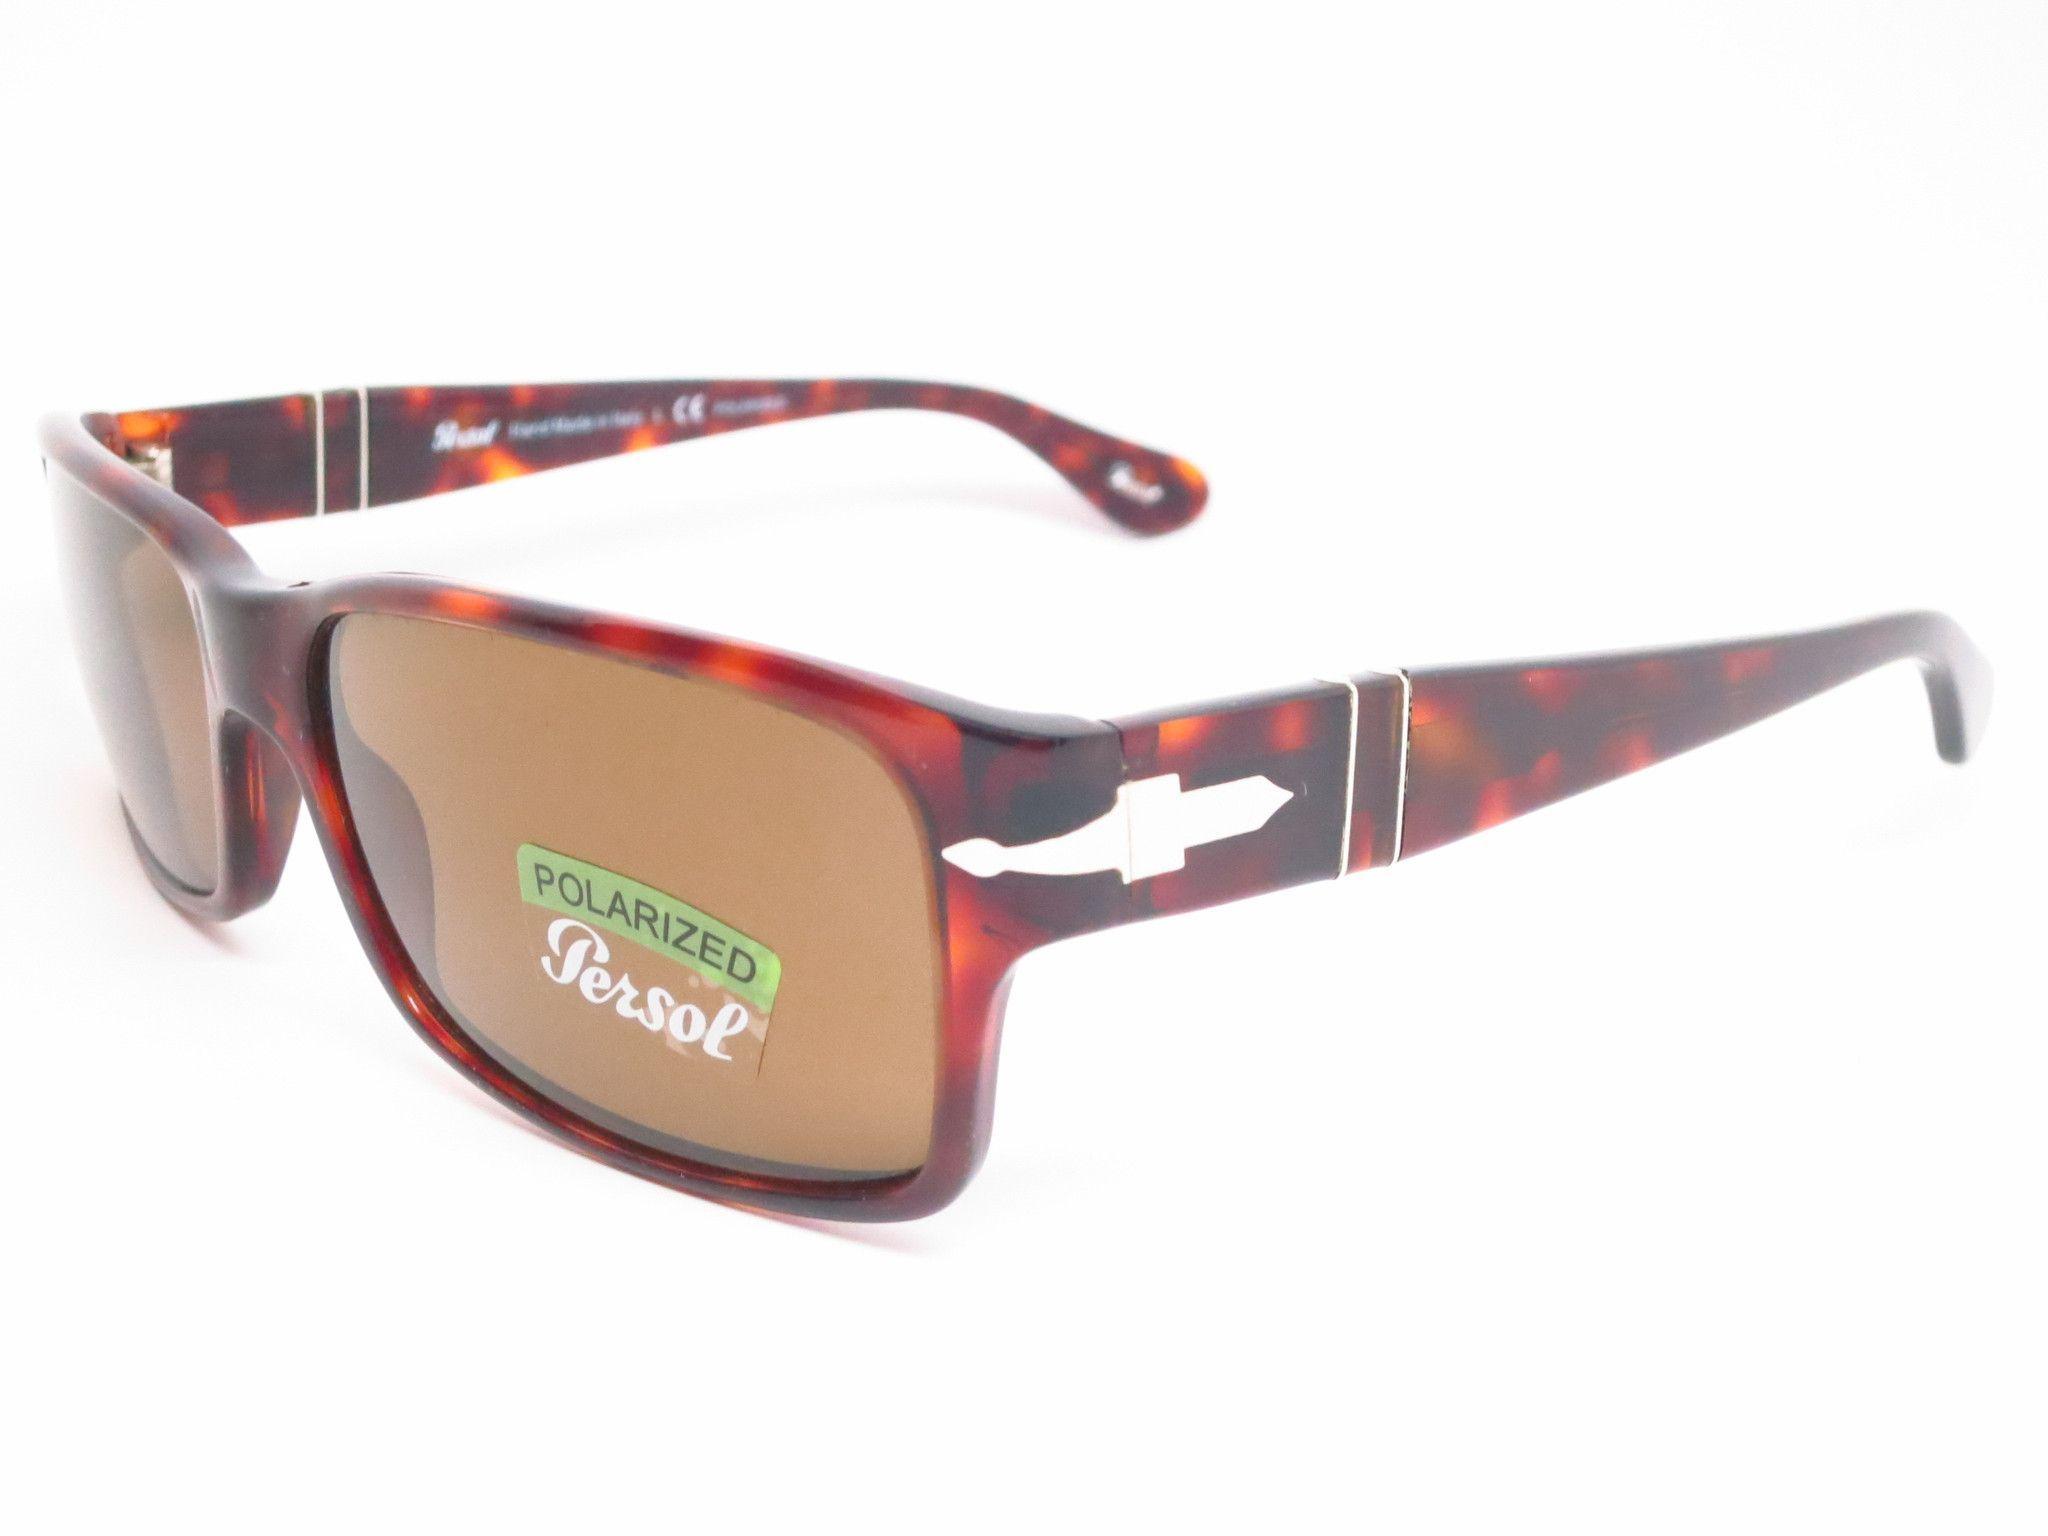 e2e92056c4 Persol PO 2803-S 24 57 Havana Polarized Sunglasses